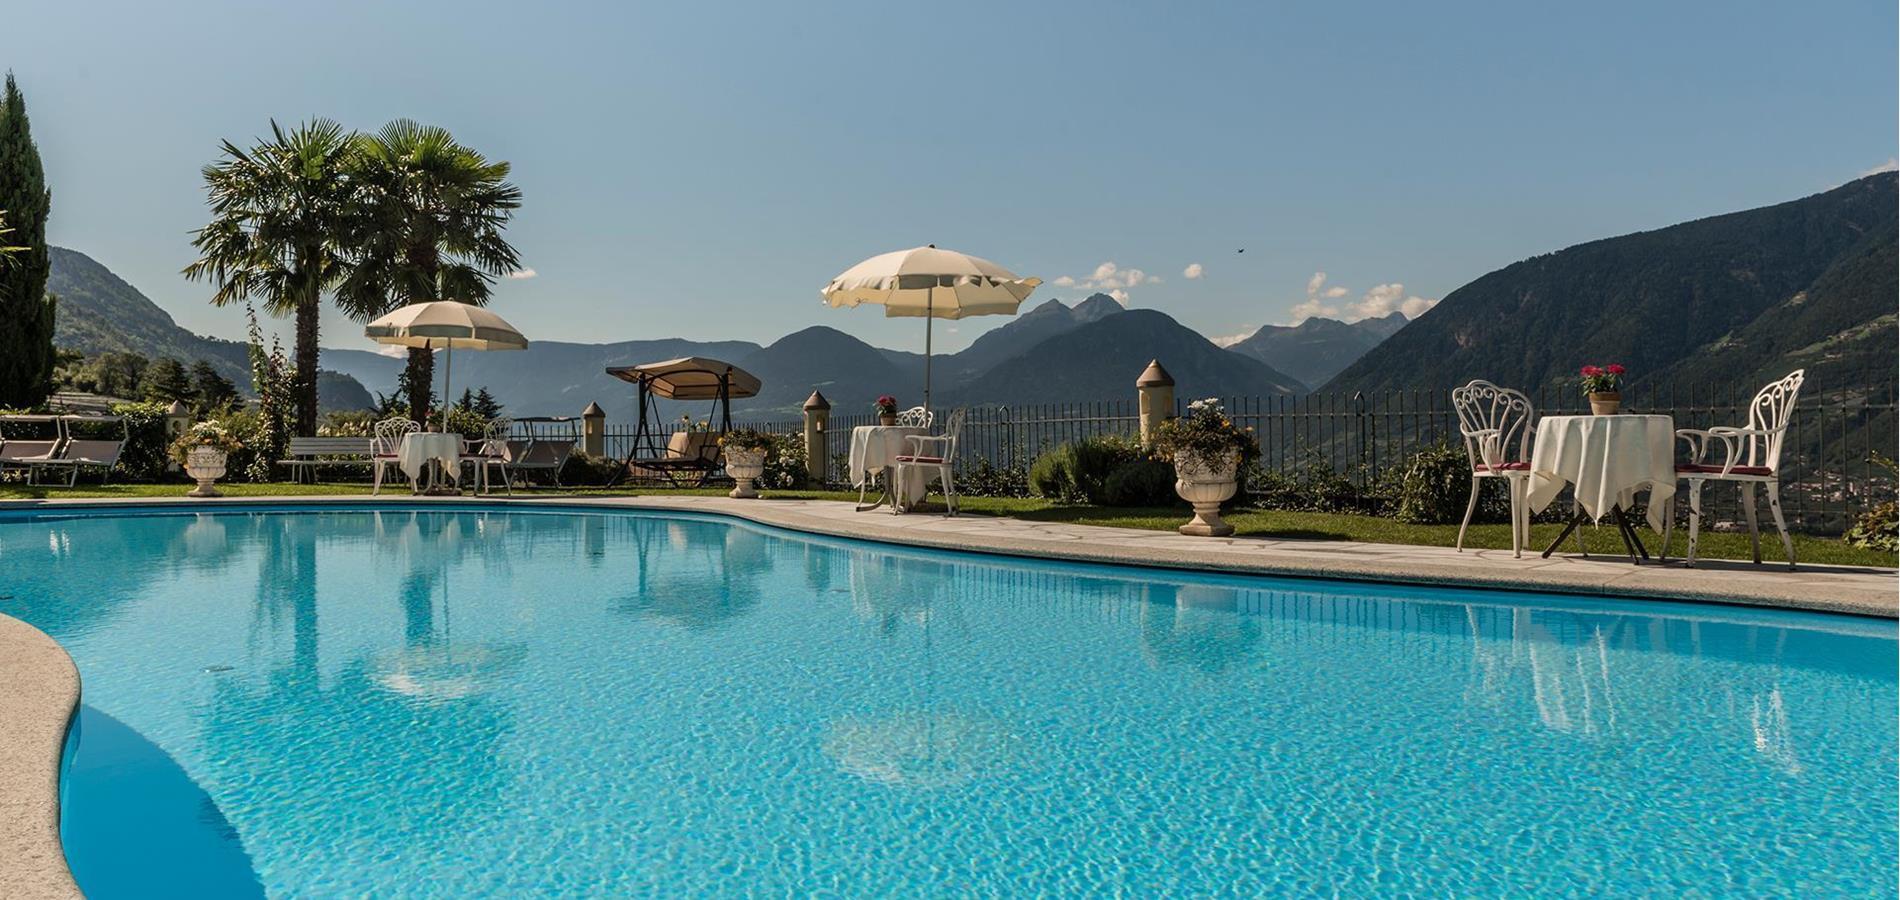 Schenna Hotels Jetzt Suchen Buchen Das Beste Hotel